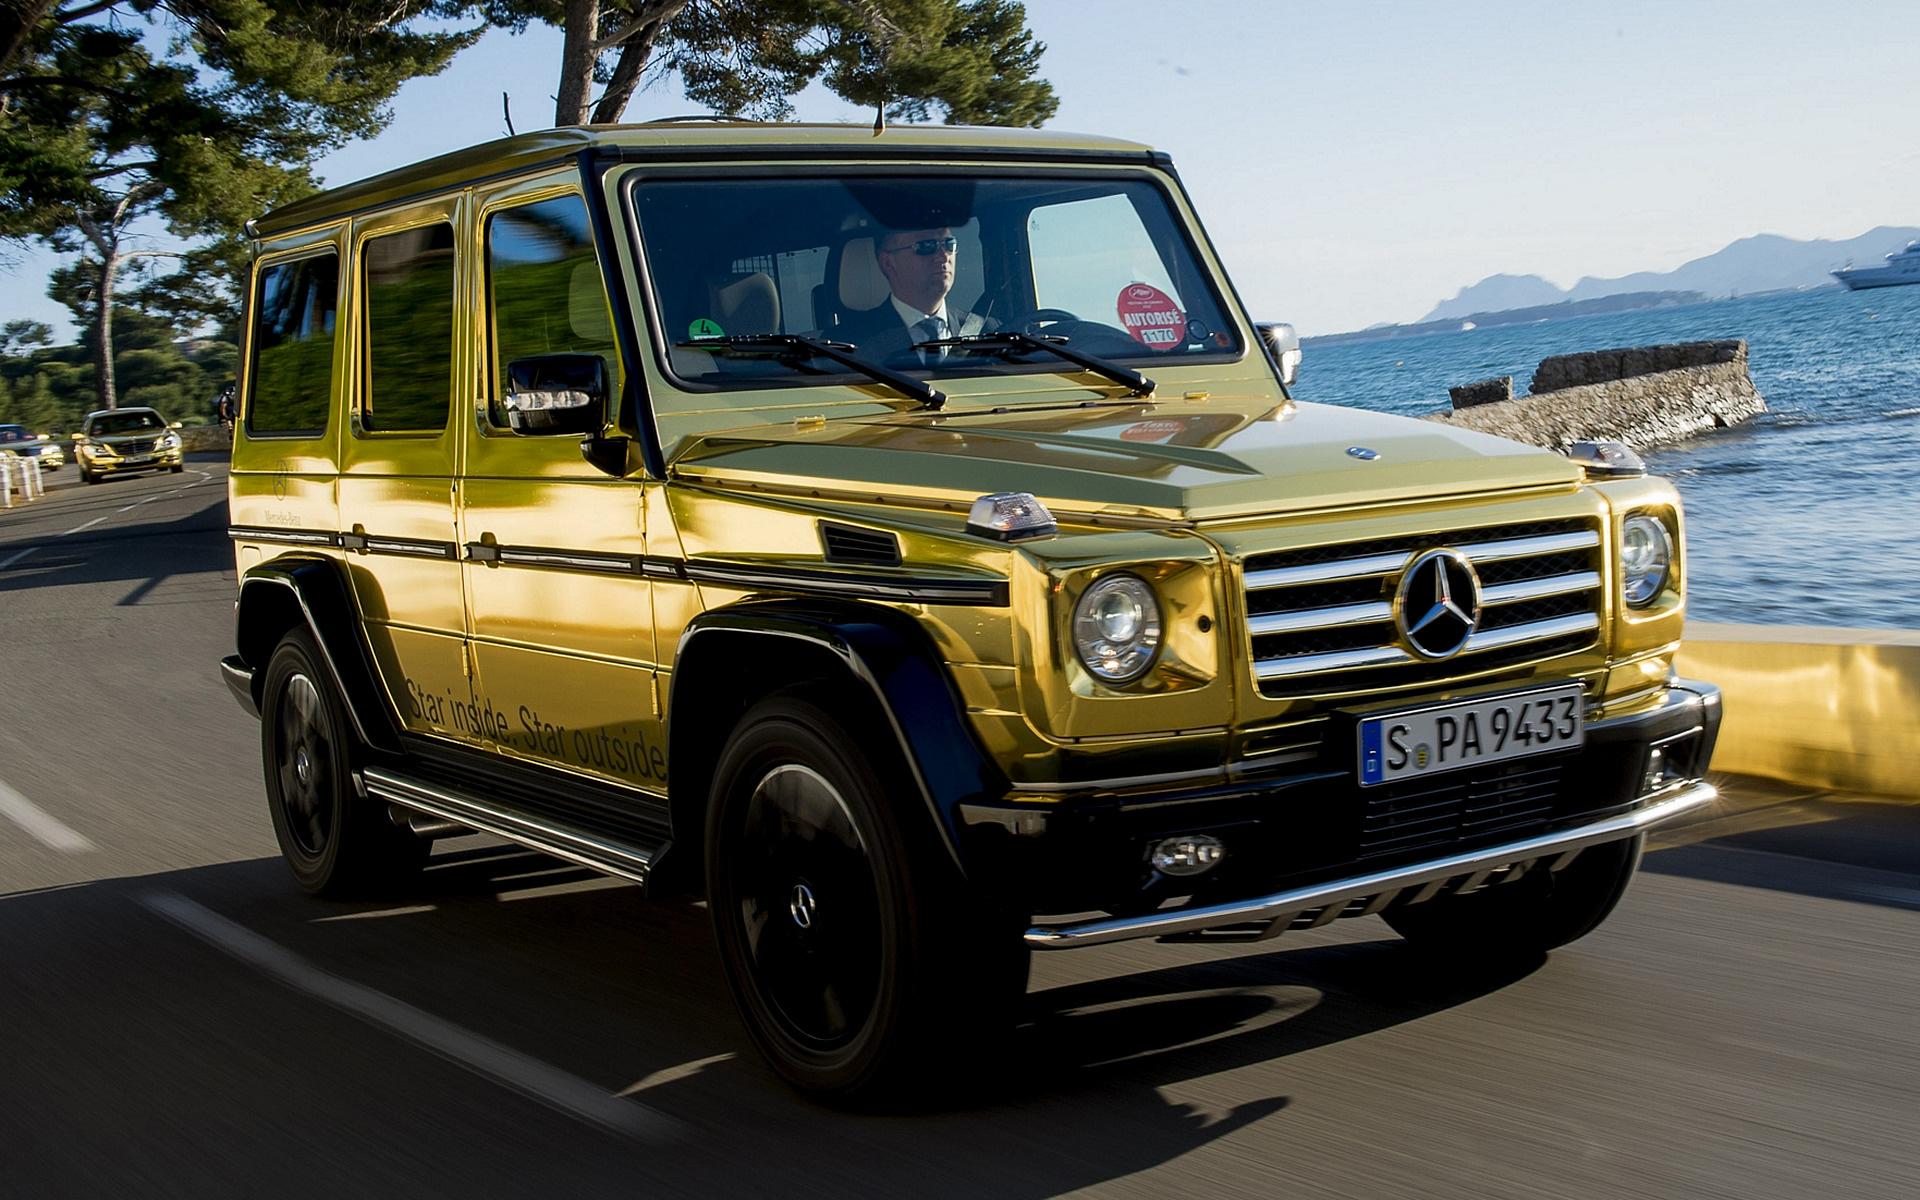 Mercedes Benz G Class Wallpaper Hd Mercedes Amg G Class Gold 1920x1200 Download Hd Wallpaper Wallpapertip